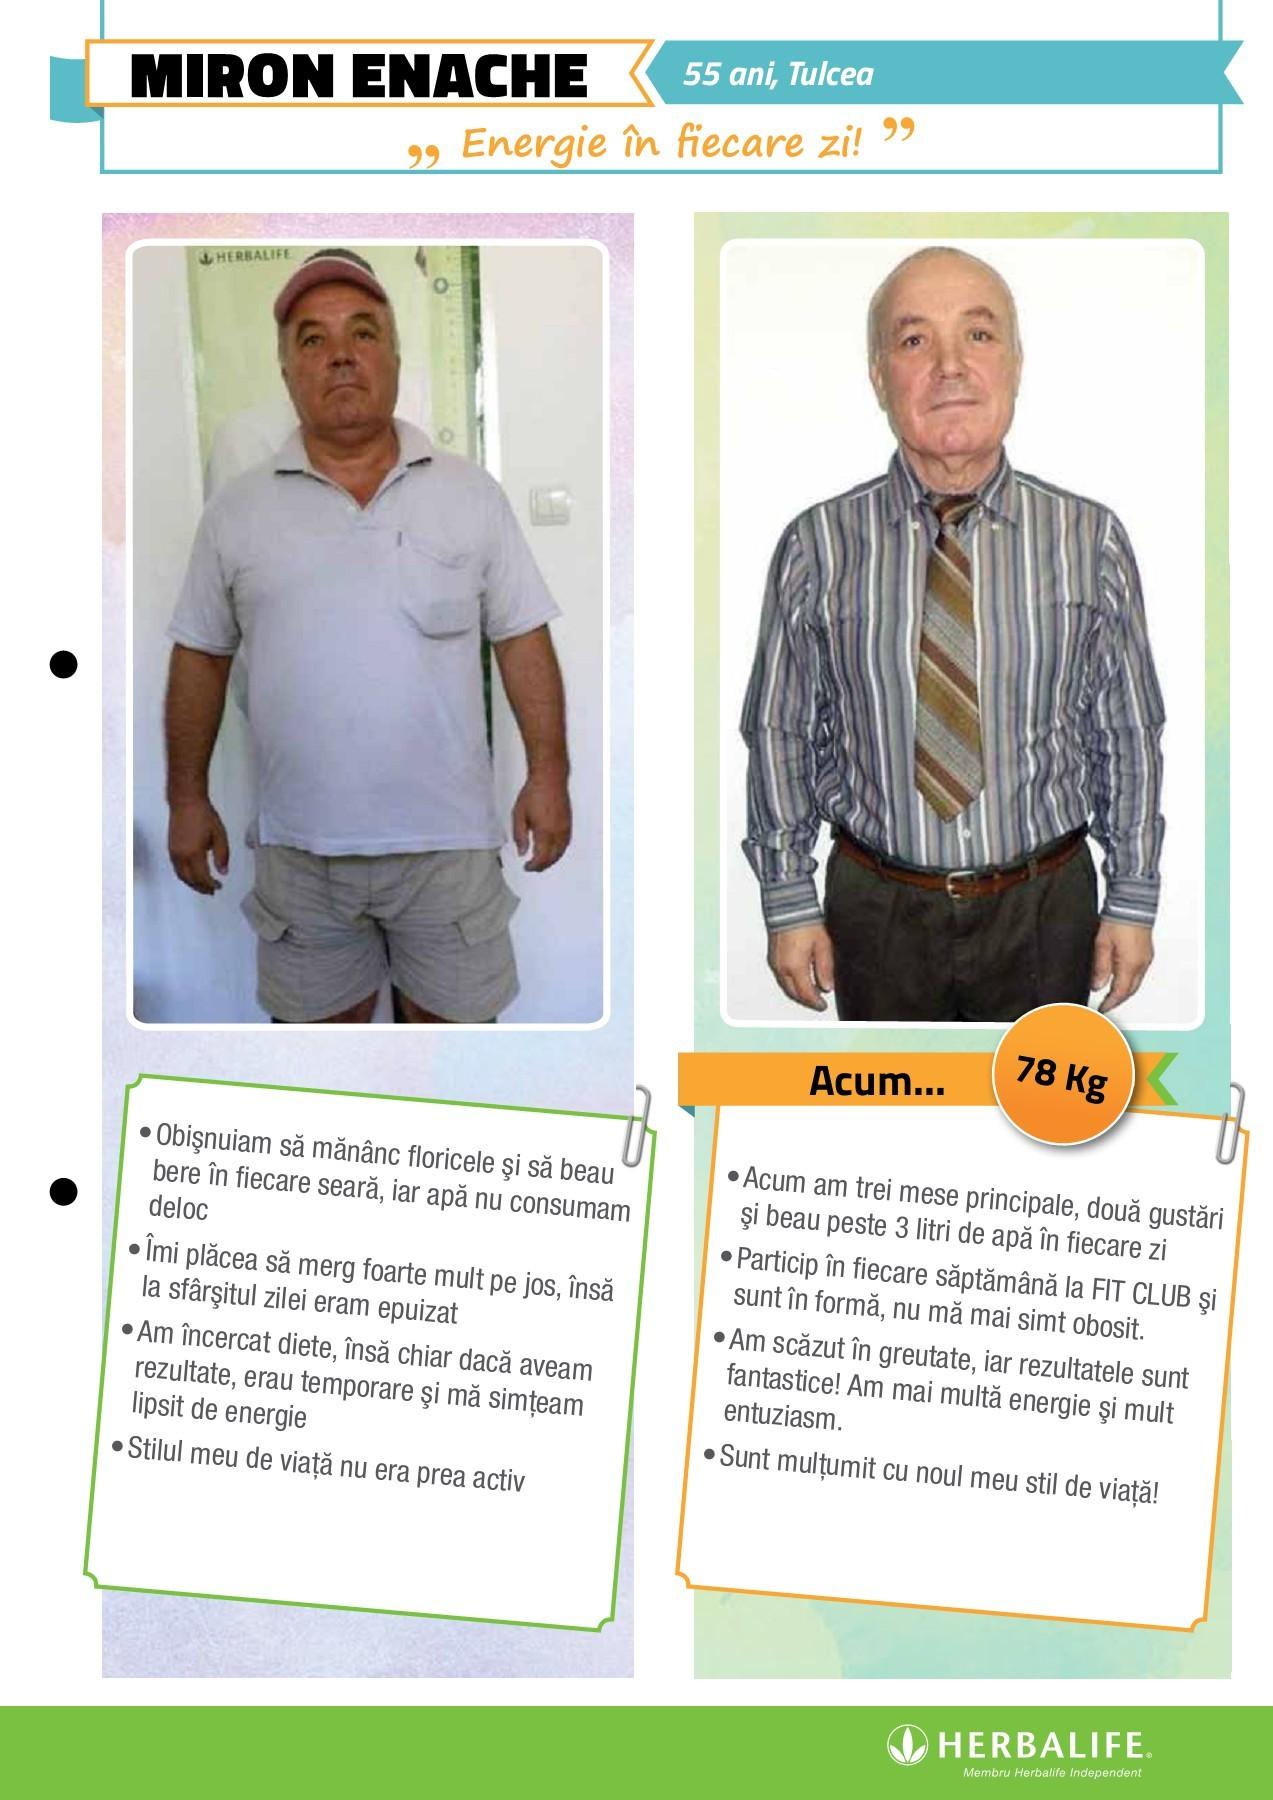 slăbiciune pierderea în greutate pierderea poftei de mâncare învelișul corpului te ajută să slăbești